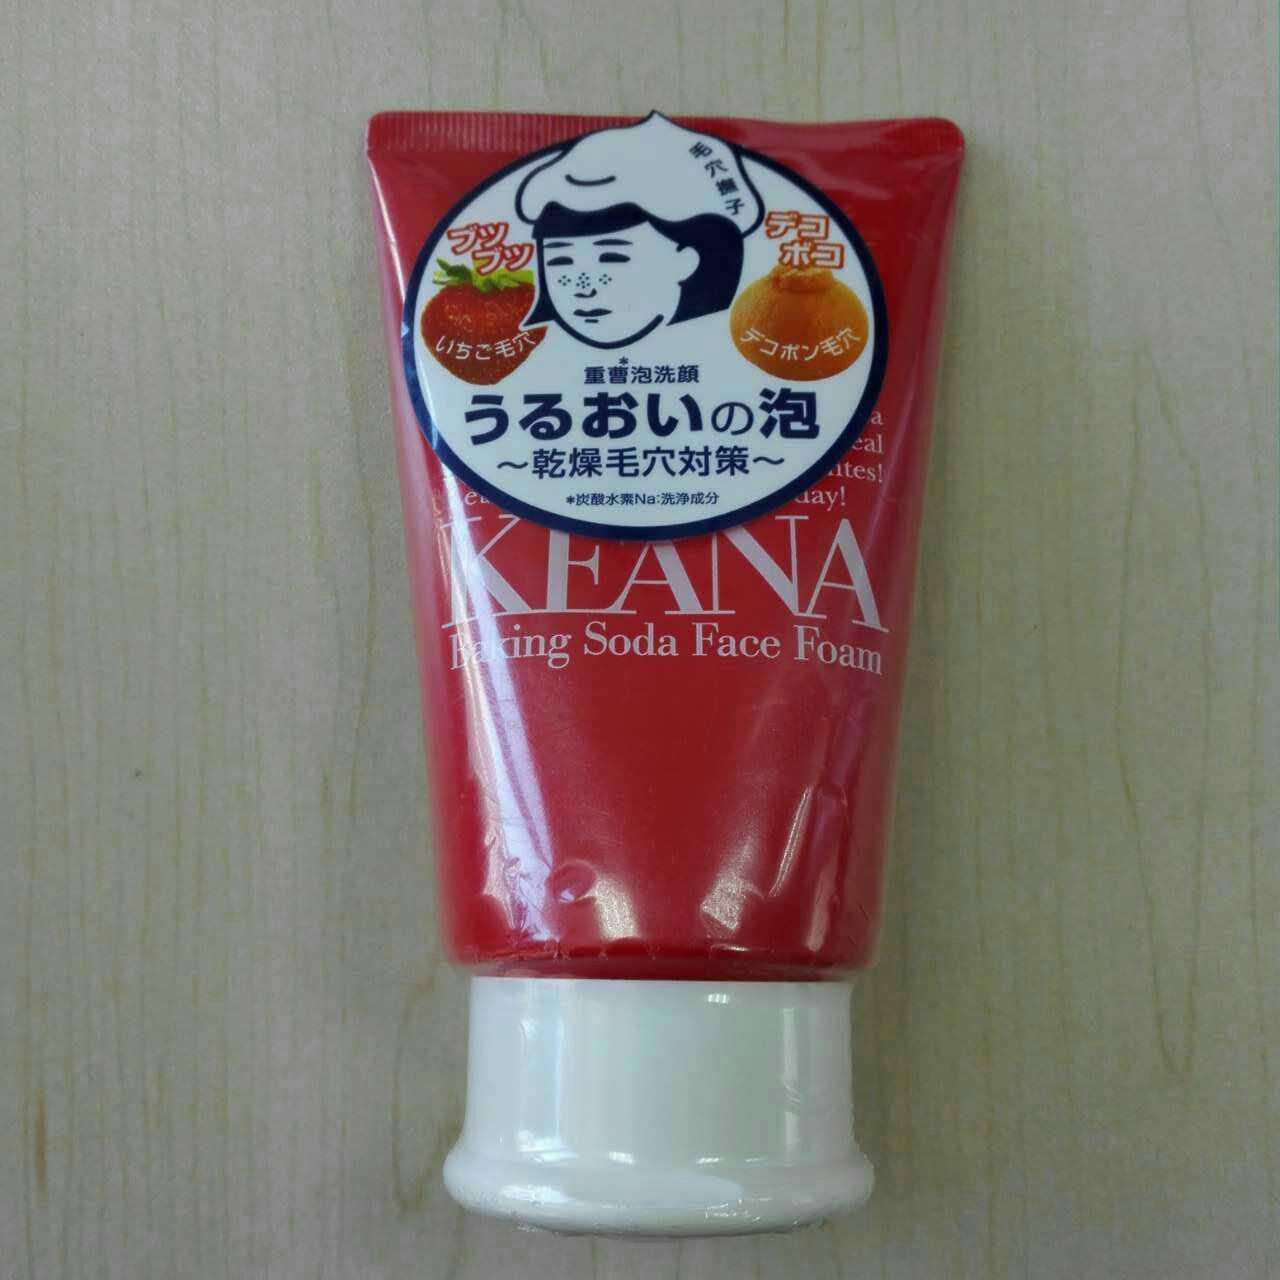 La Rete di alimentazione Originale giapponese Mao ze, Istituto di ricerca di Pietra (I Pori nadeshiko Latte detergente 100 ml di bicarbonato di sodio.